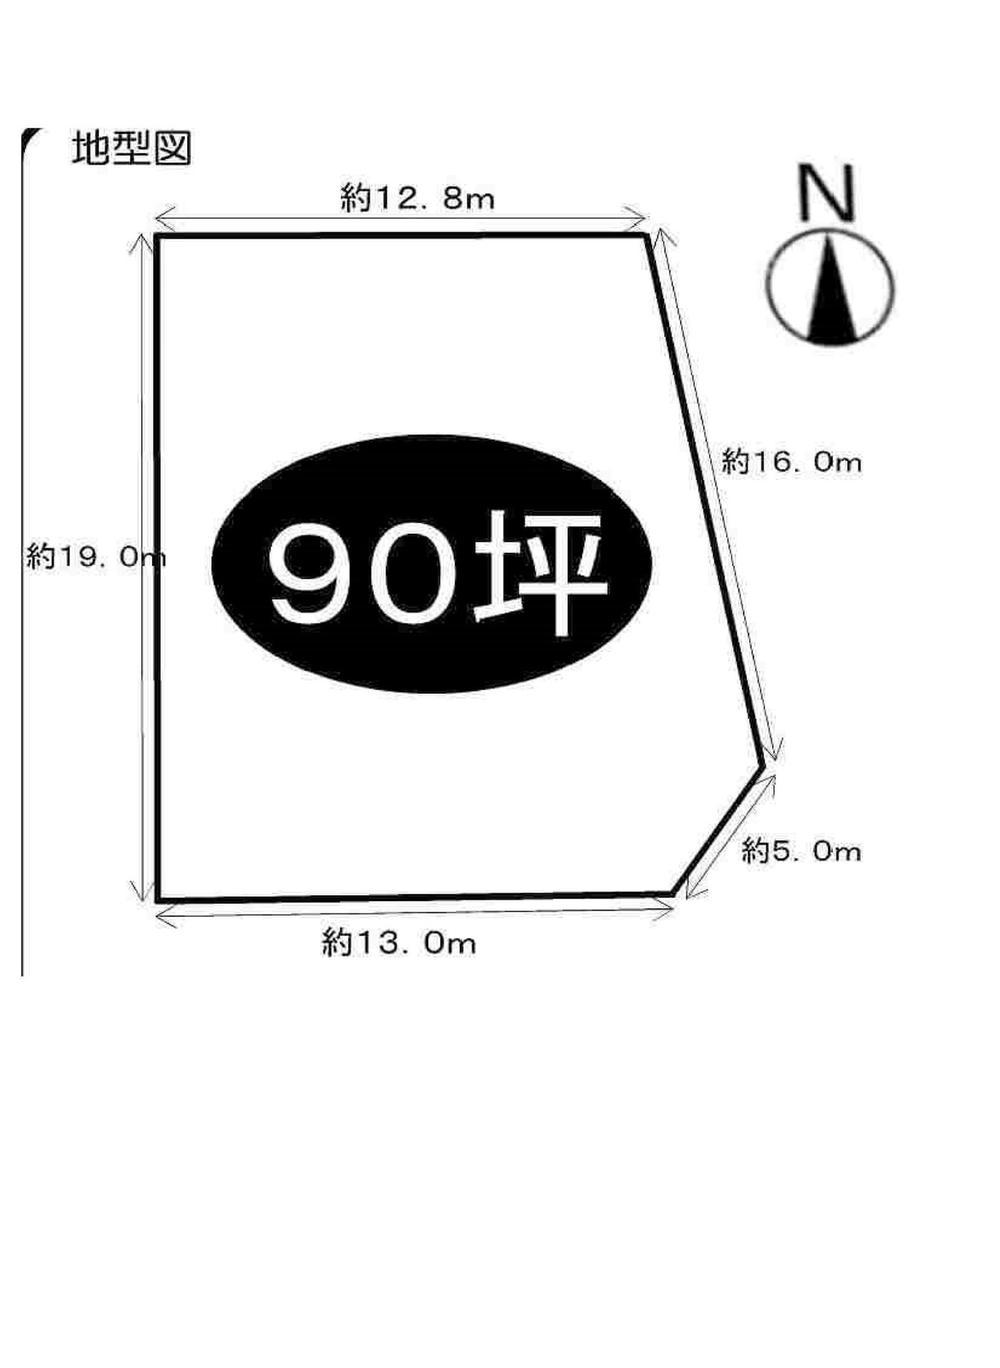 土地価格980万円、土地面積298.02m<sup>2</sup>